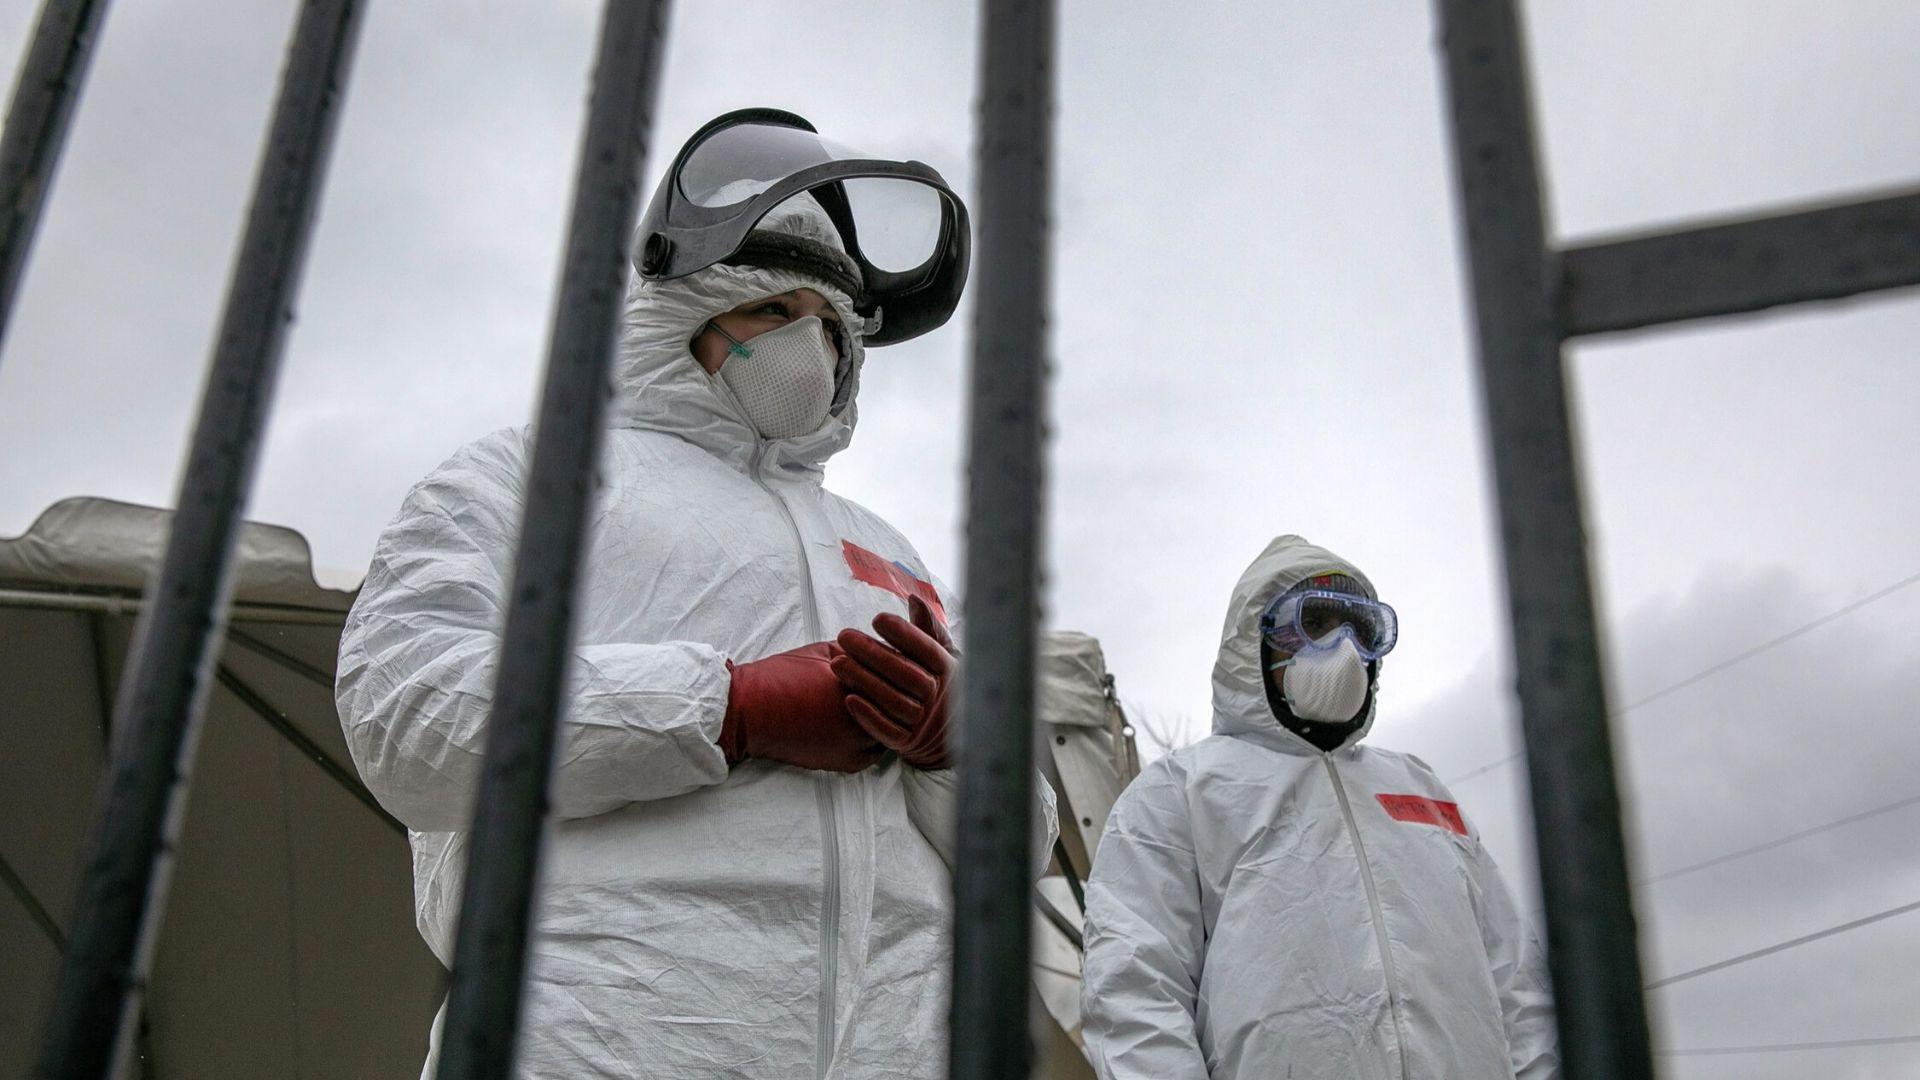 #ReporteCoronavirus | Las 6 noticias más importantes hasta la tarde #14Jul